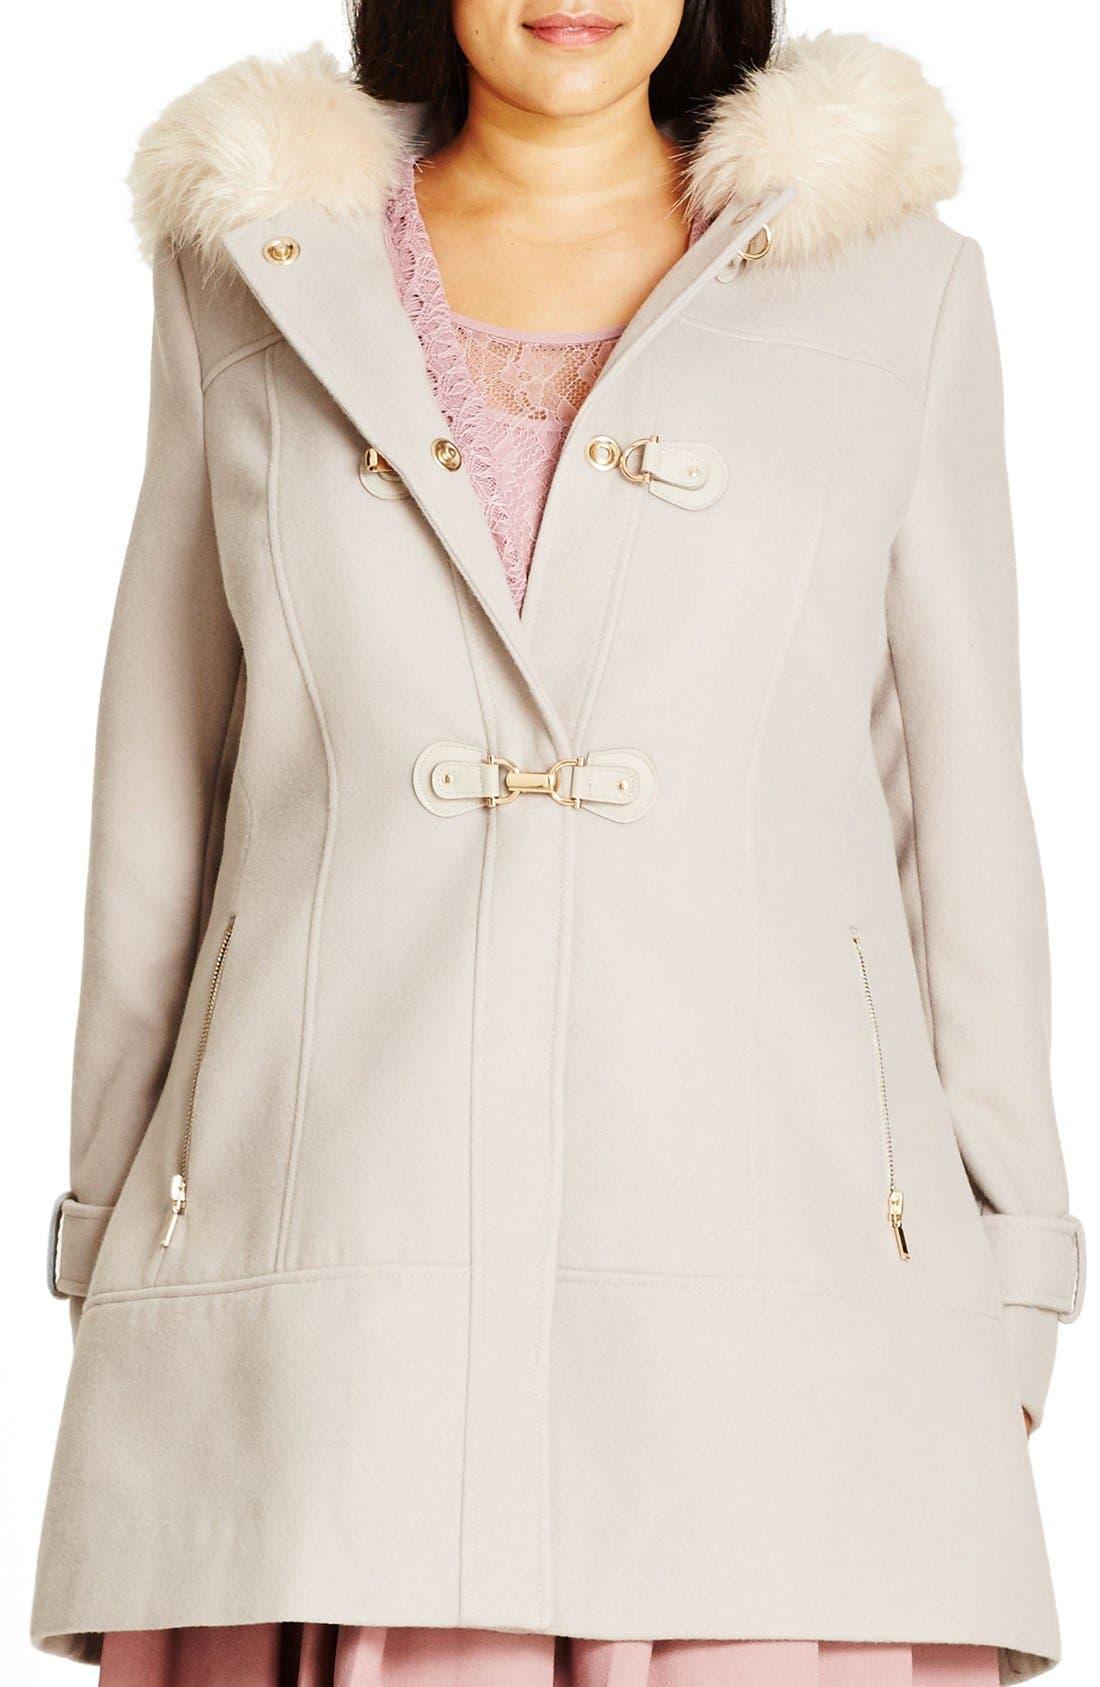 Main Image - City Chic 'Winter Warm' Faux Fur Trim Duffle Coat (Plus Size)